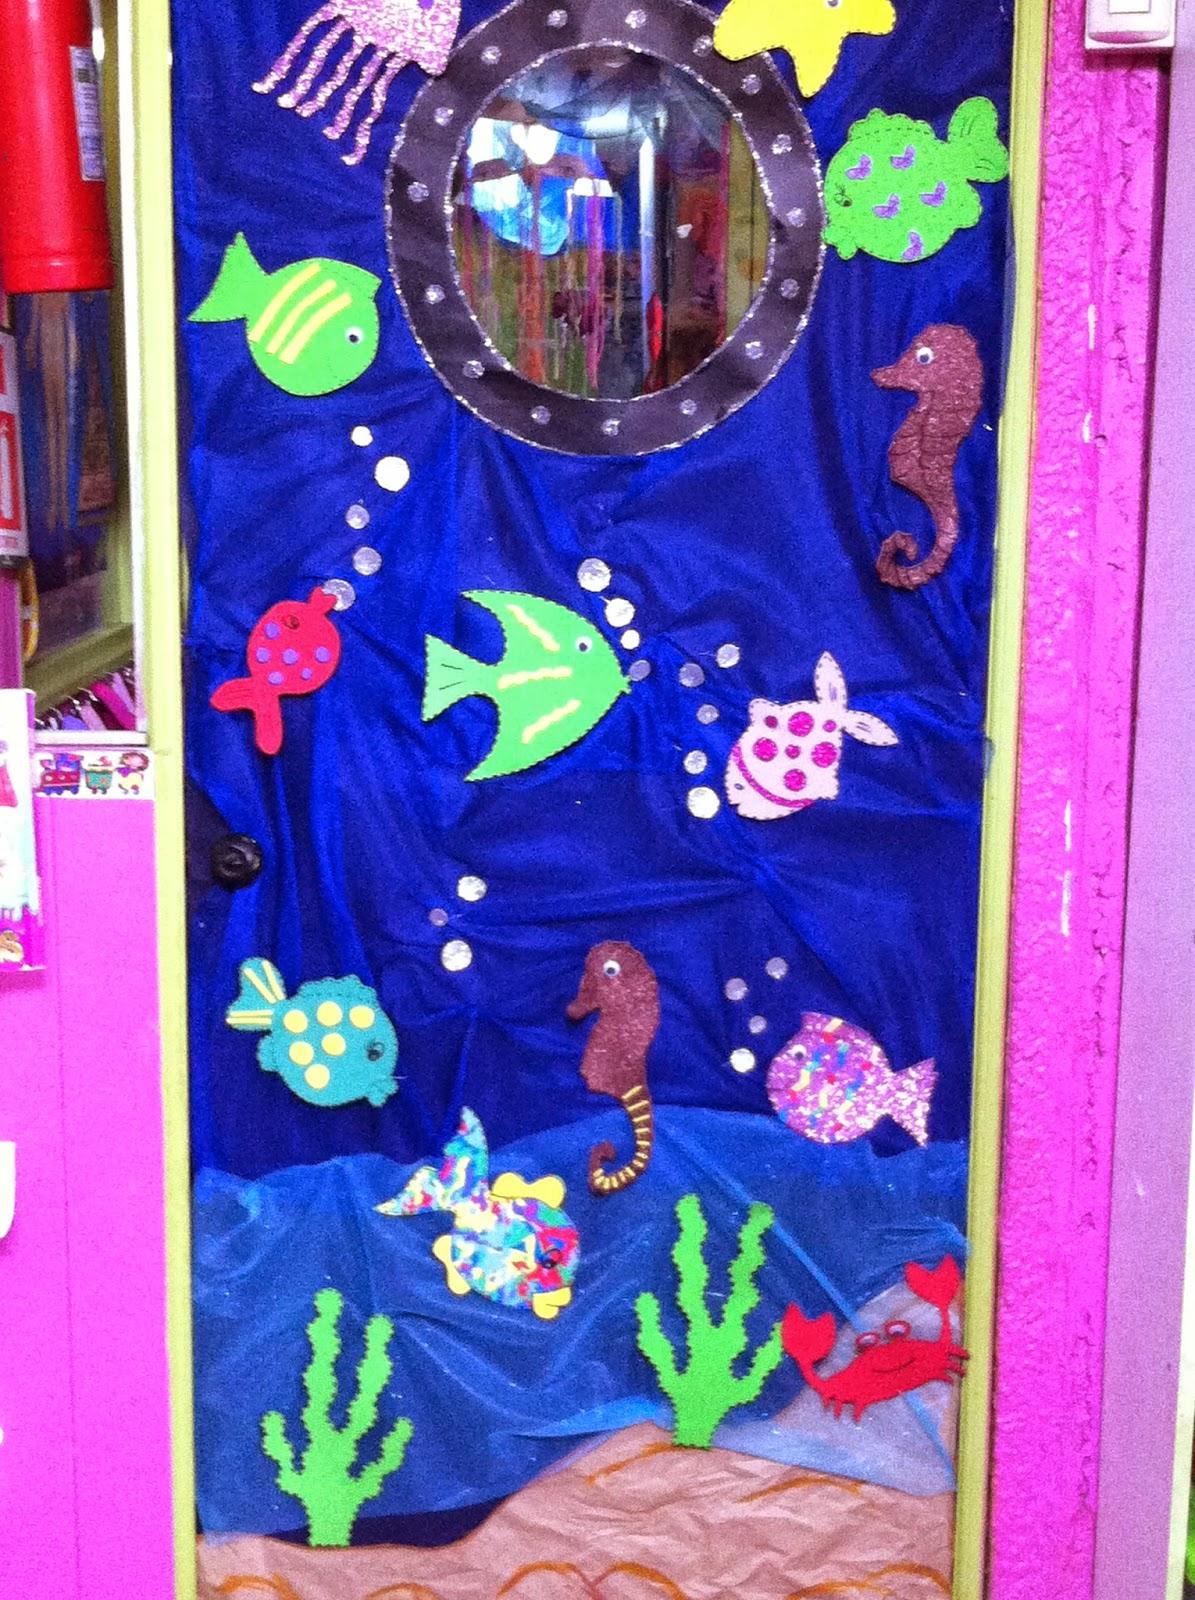 Jard n infantil un mundo de amor muestra de decoraci n for Horario oficina naviera armas arrecife